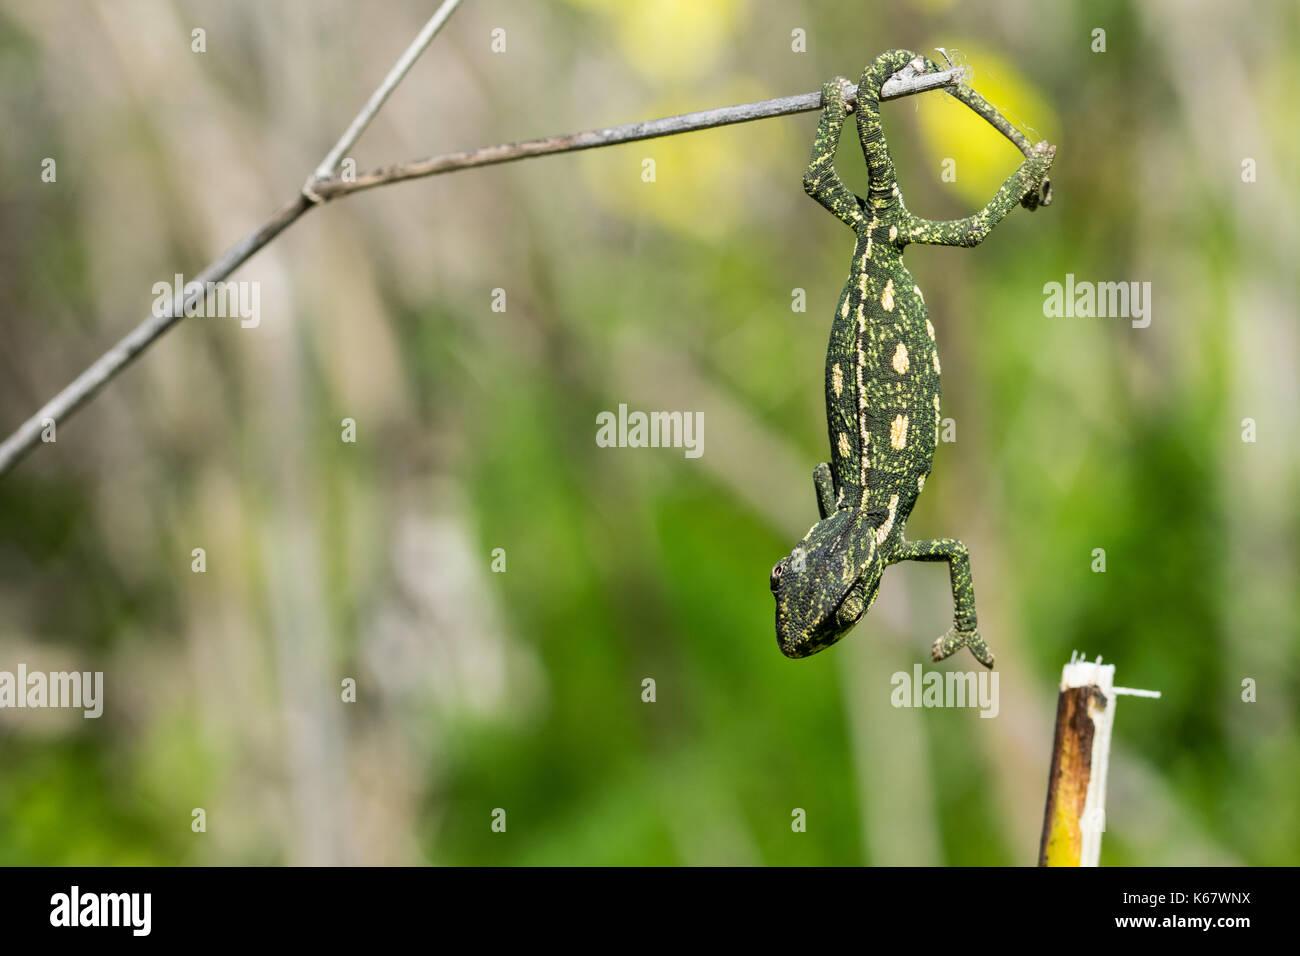 Un bebé chameleon celebración e intentar equilibrar en una ramita de hinojo, usando su cola y piernas. islas maltesas, malta Imagen De Stock